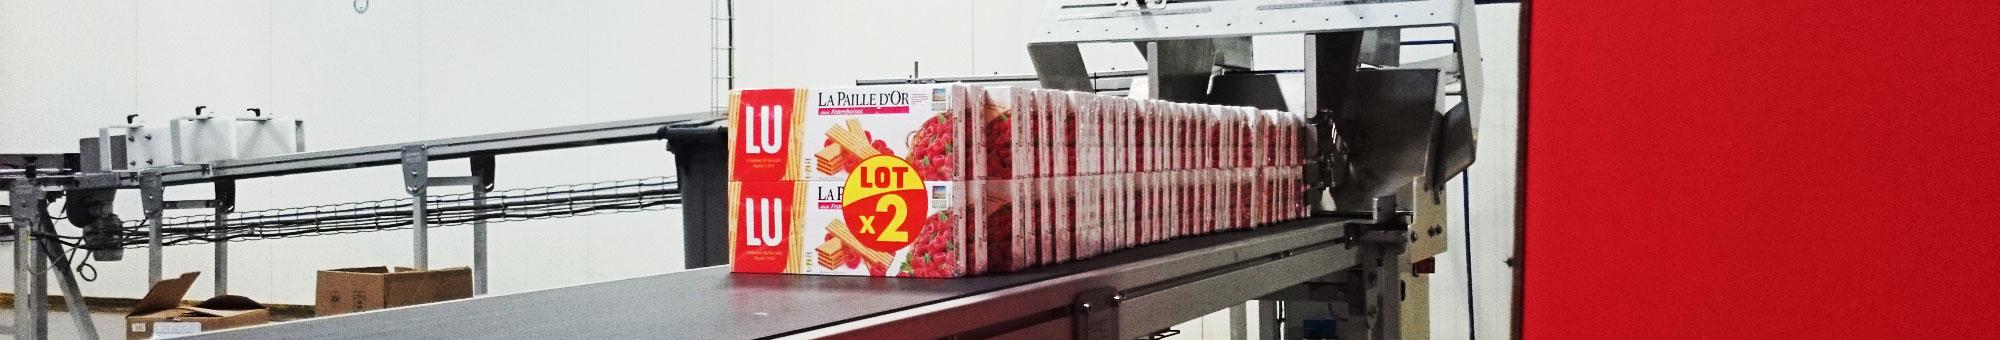 Processus de co-packing pour produits alimentaires